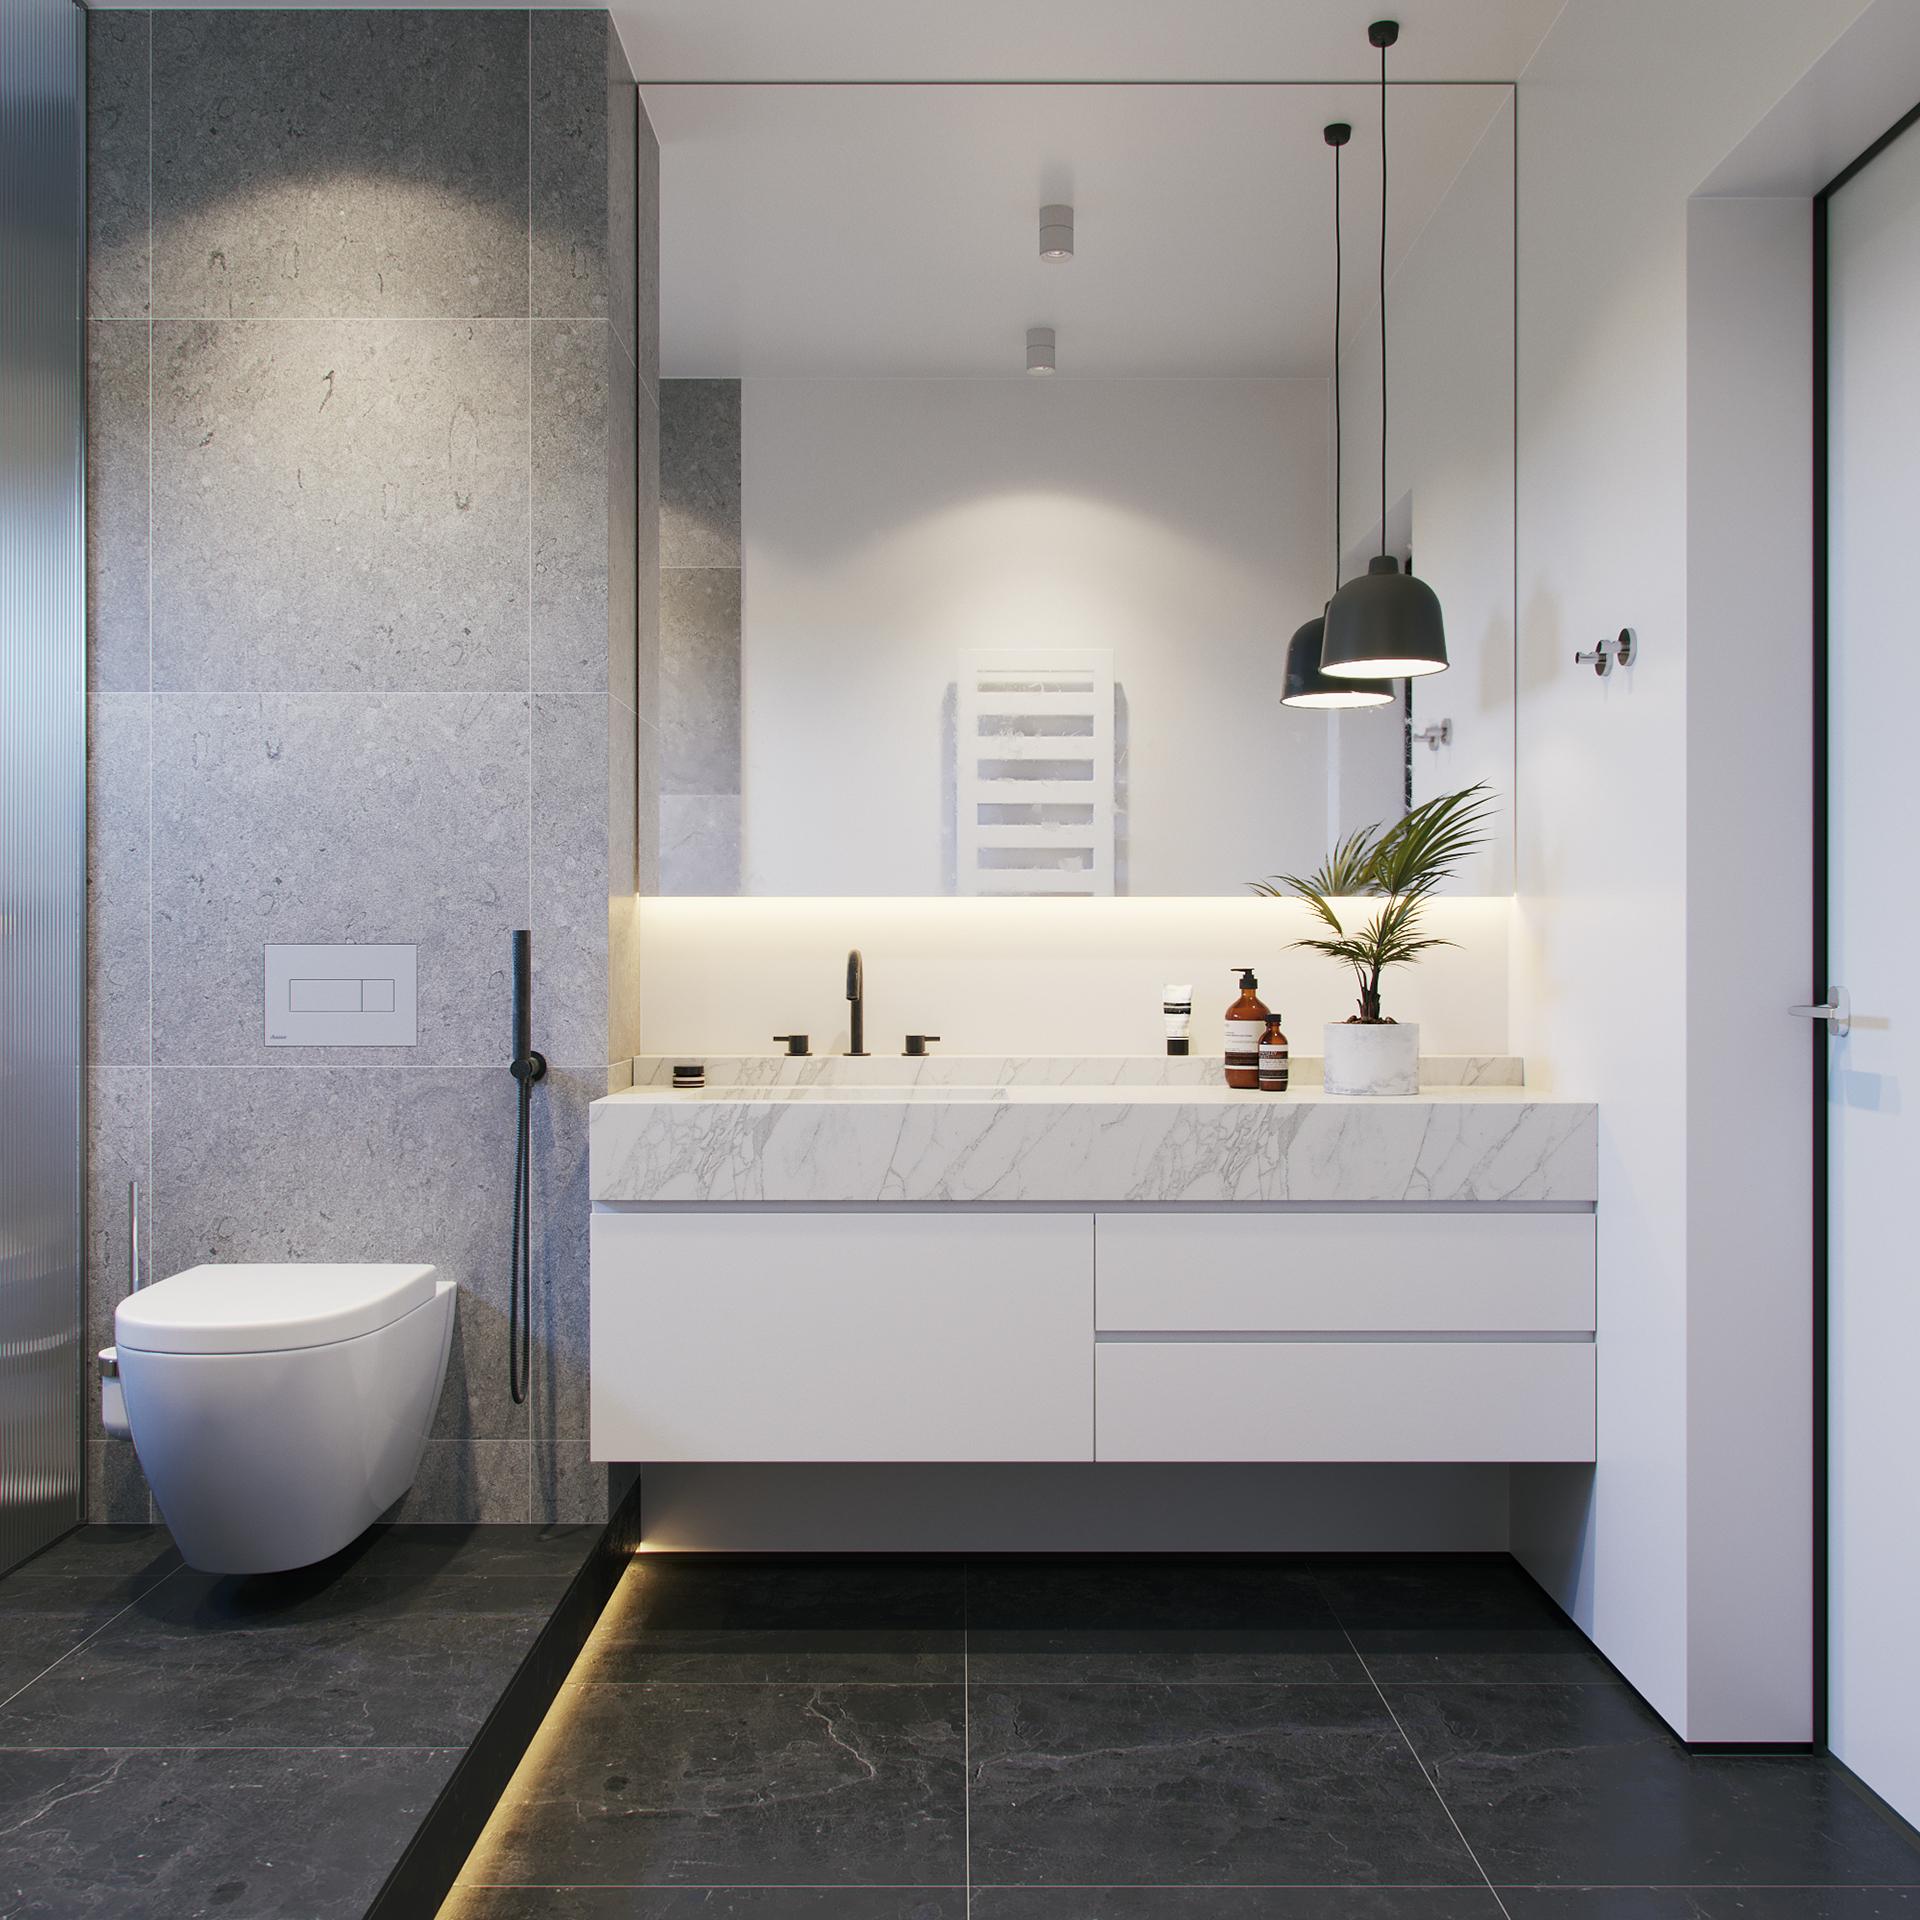 Una delle tendenze più amate tra i giovani, e non solo, è il bagno in stile moderno. Come Arredare Un Bagno Piccolo 7 Segreti Dell Architetto Per Farlo Al Top